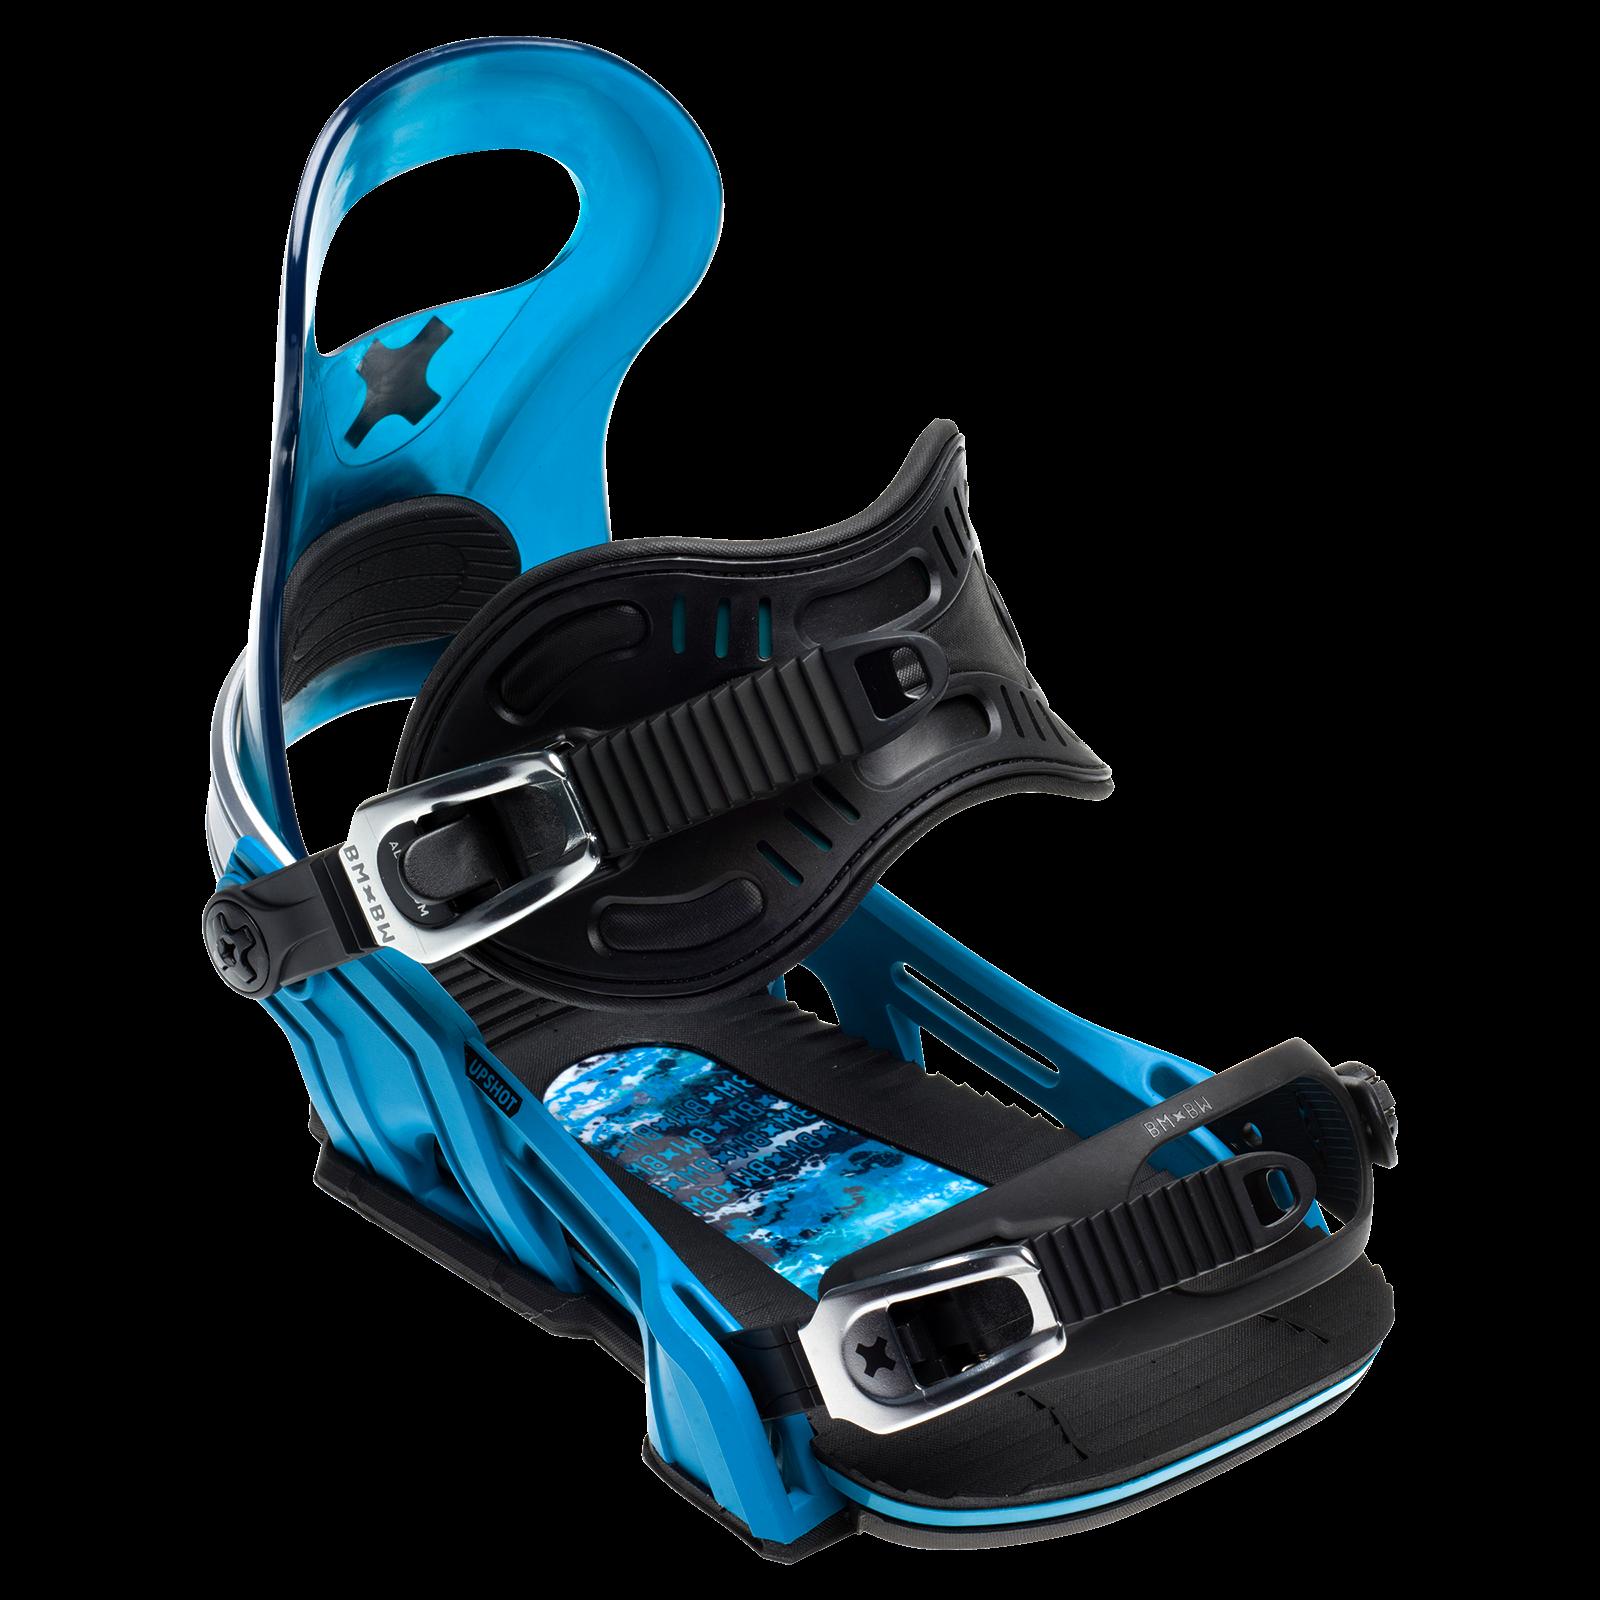 Bent Metal Upshot Snowboard Binding